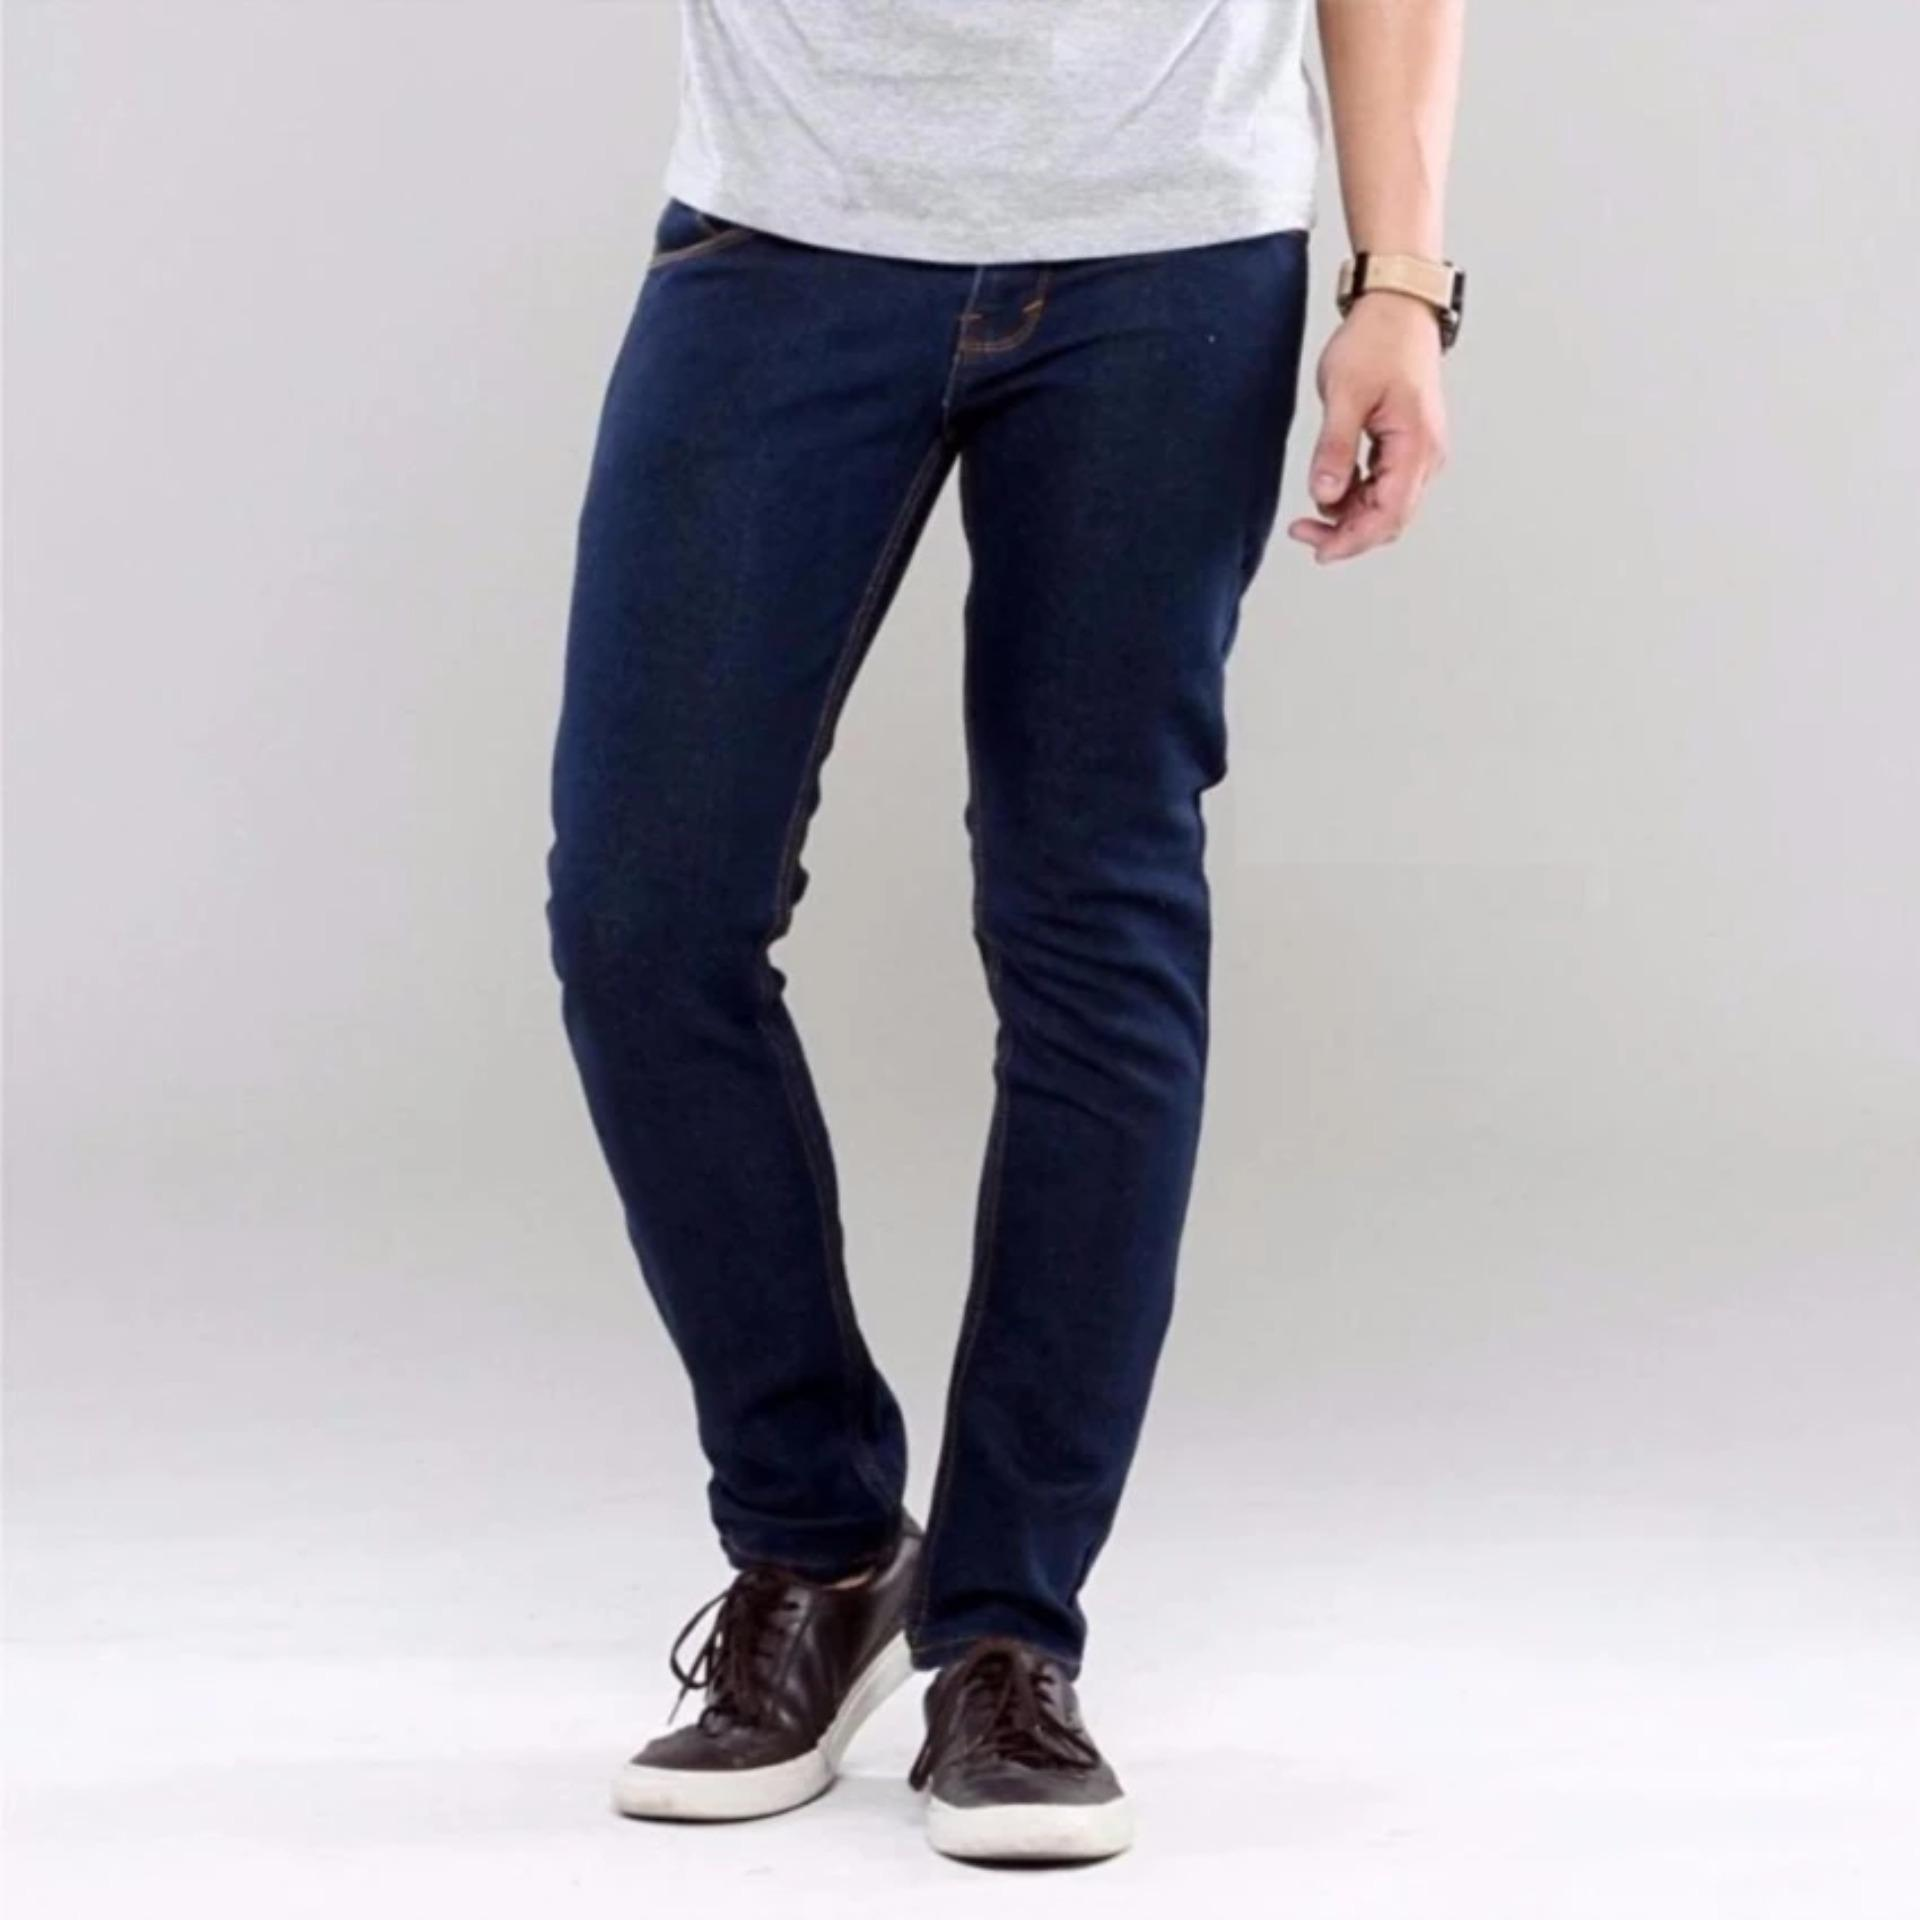 Harga Dan Spesifikasi Celana Jeans Pria Cowok Panjang Regular Fit Jersey Baju Bola  Meriah Arsenal Emas Gold 2015 16 Go List Ukuran 42 Termurah Agustus 2018 Jumbo Big